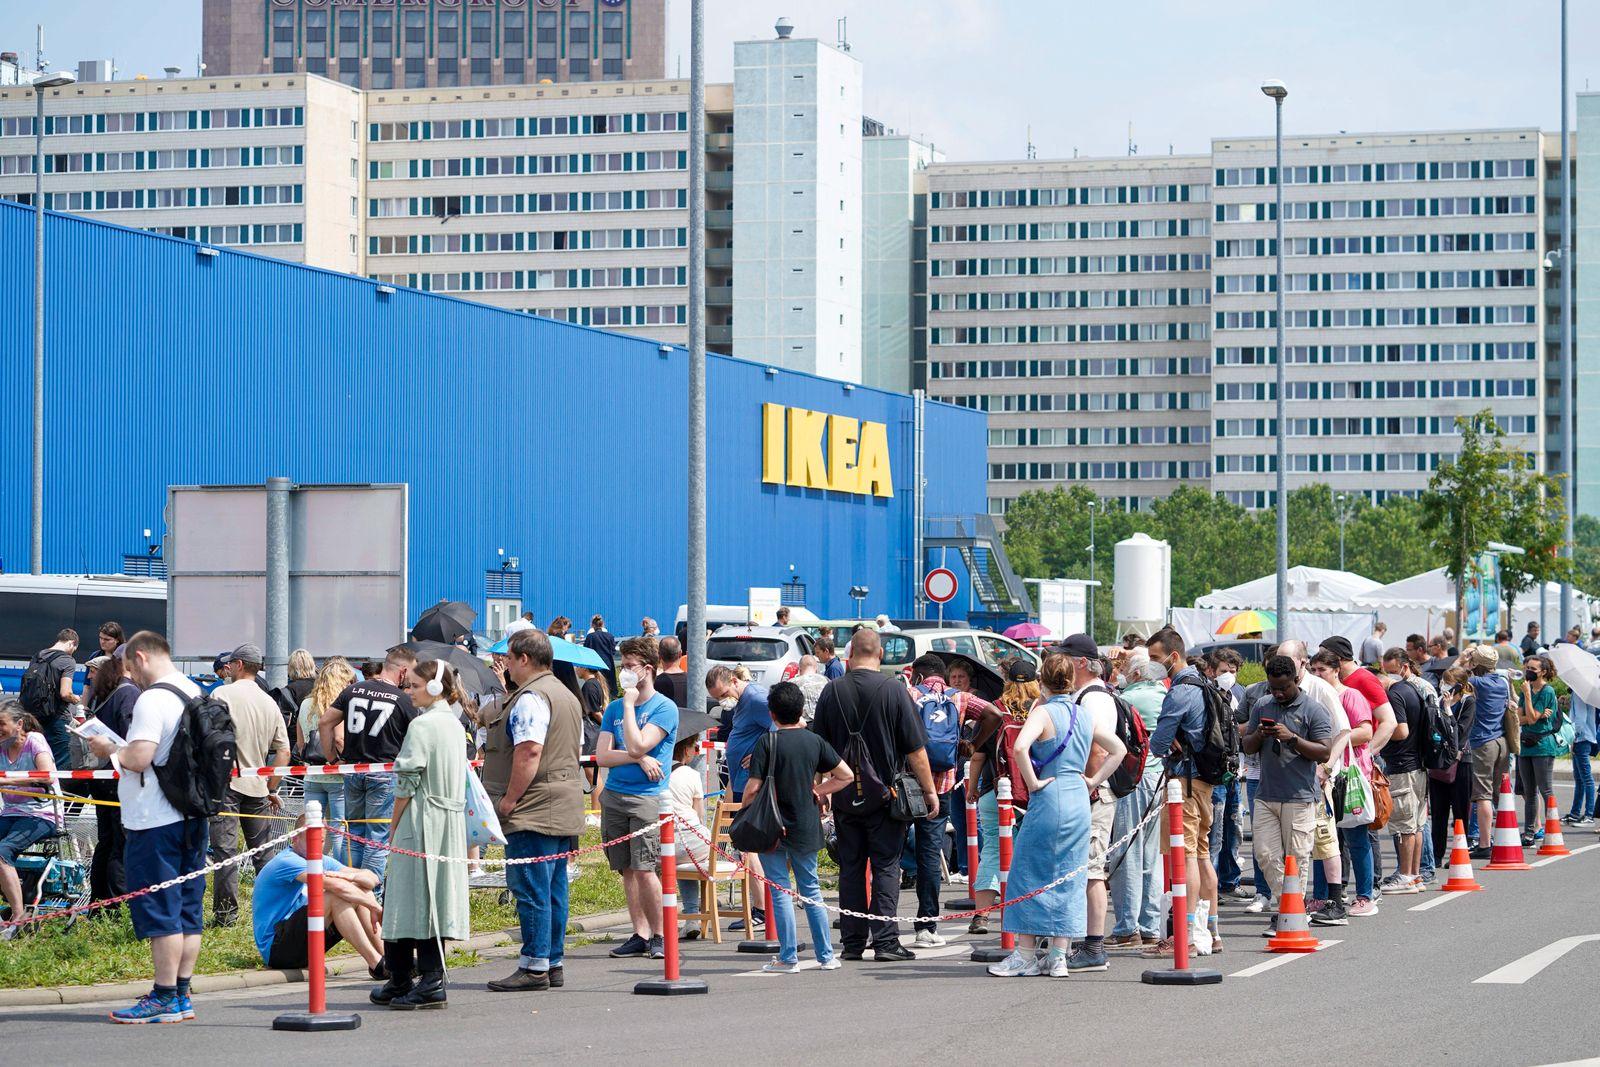 News Bilder des Tages 17.07.2021,Berlin,Deutschland,GER,Eröffnung erster Berliner Corona-Impf-Drive-in.Ikea-Parkplatz im